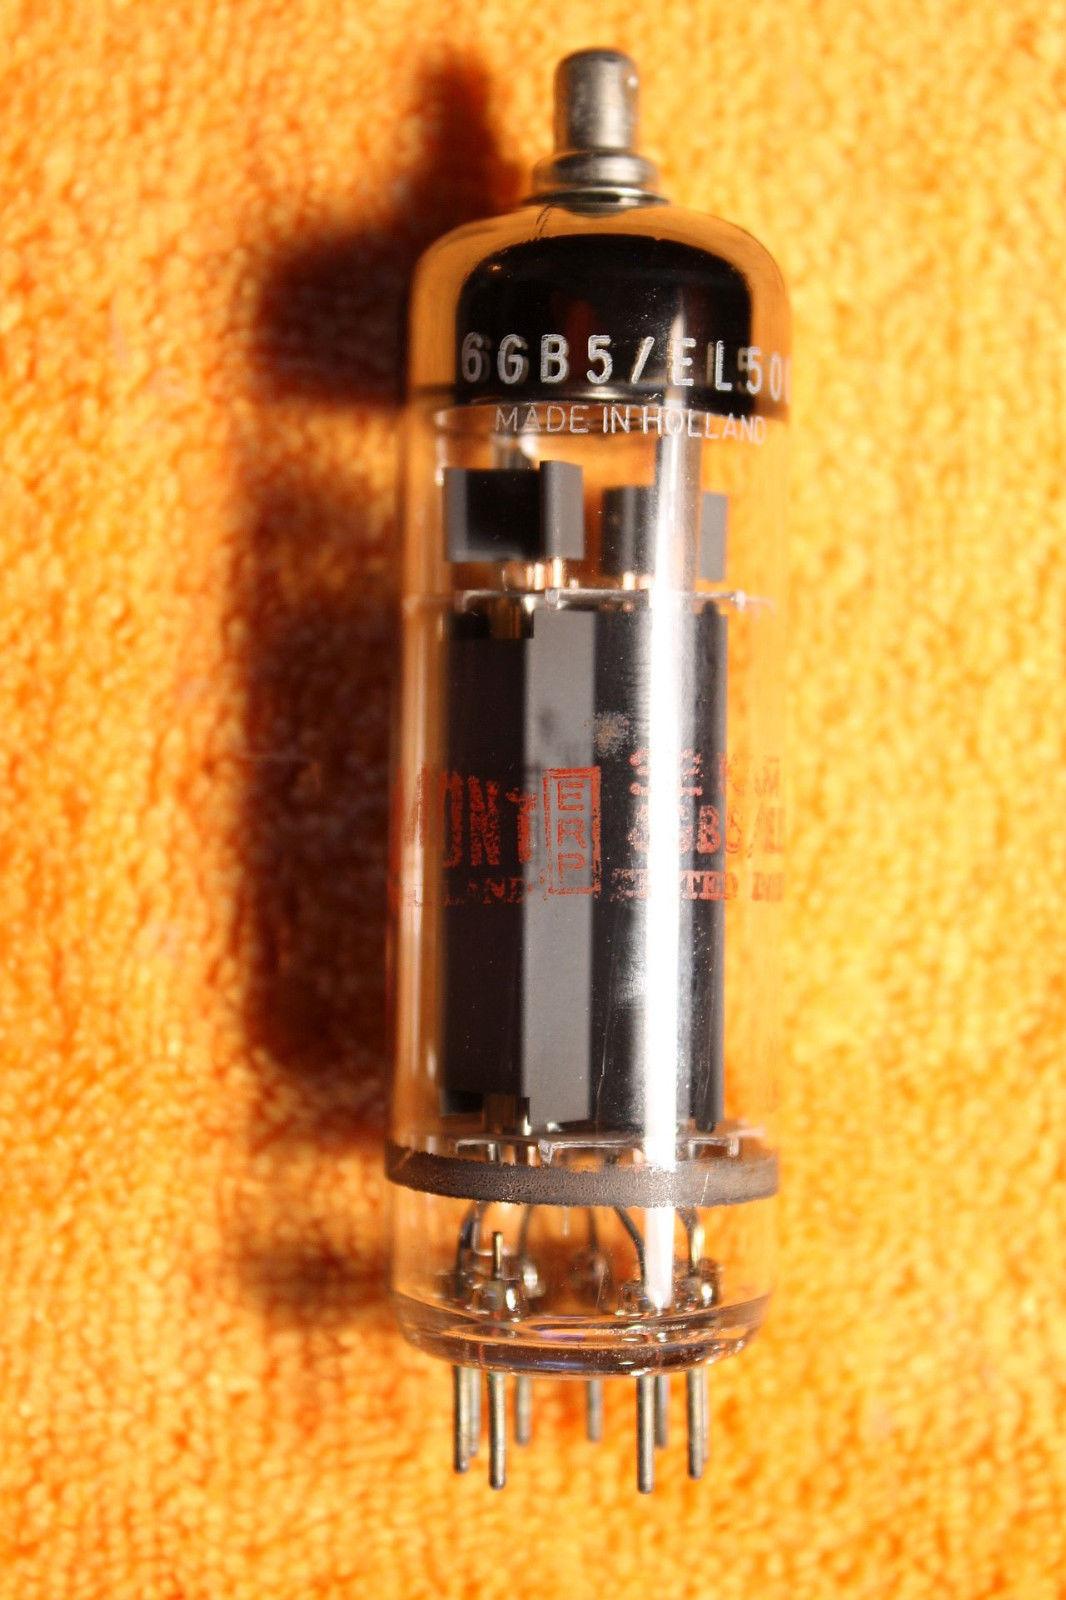 Vintage Radio Vacuum Tube (one): 6GB5 / PL500 - Tested Good